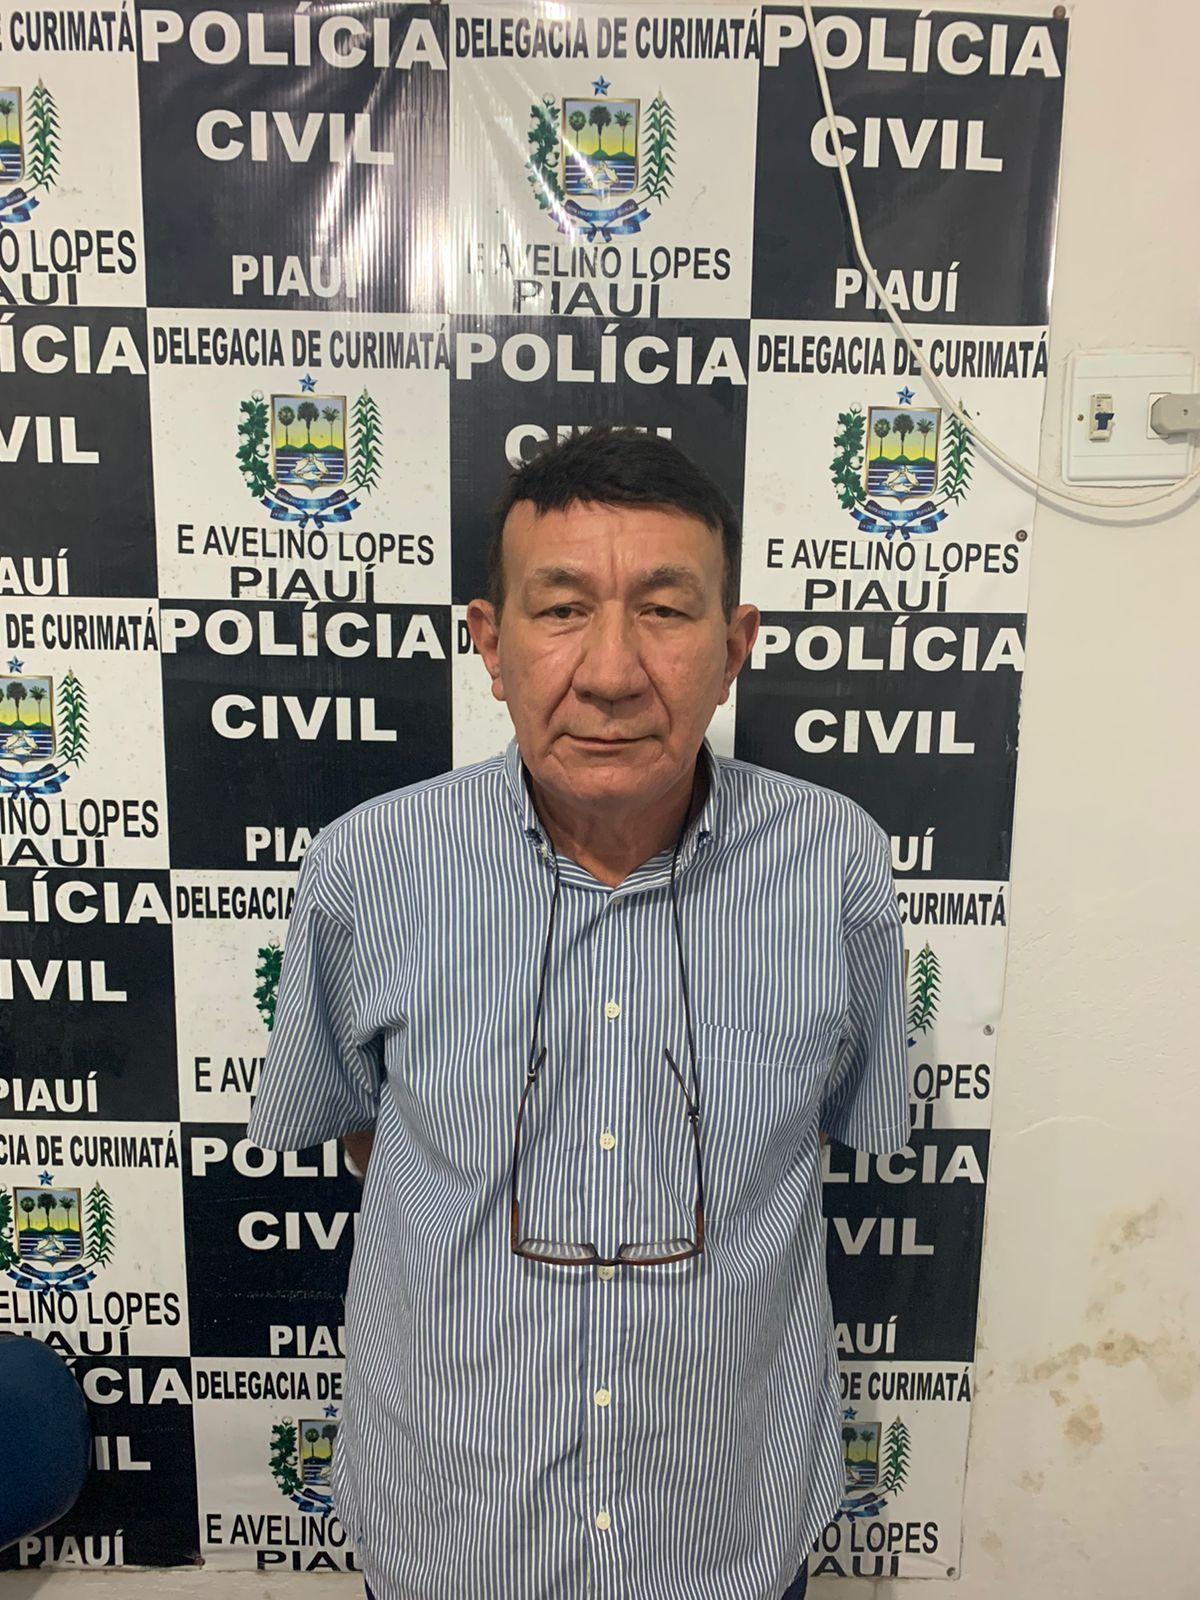 Secretário de prefeitura no Maranhão é preso pela Polícia Civil no Piauí (Foto: Divulgação)